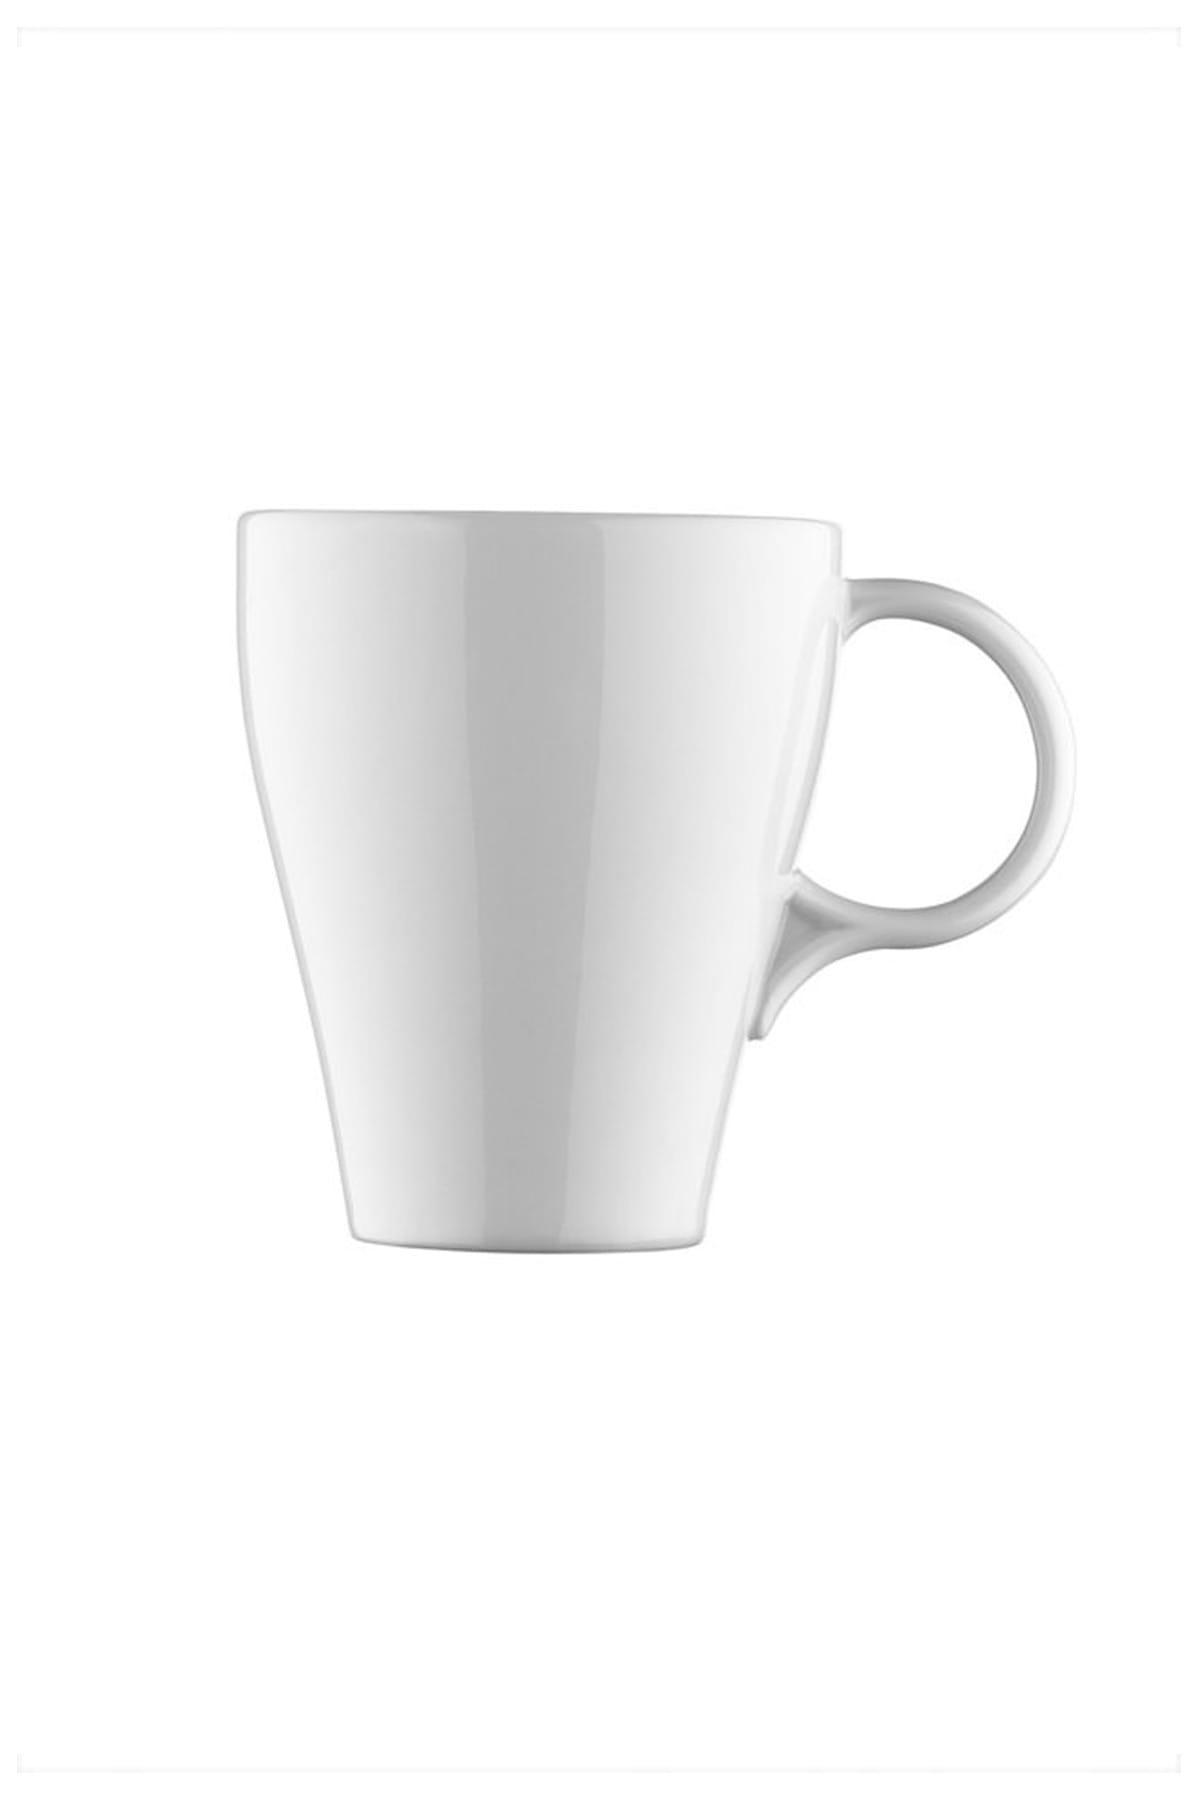 Kütahya Porselen Mug Bardak 1